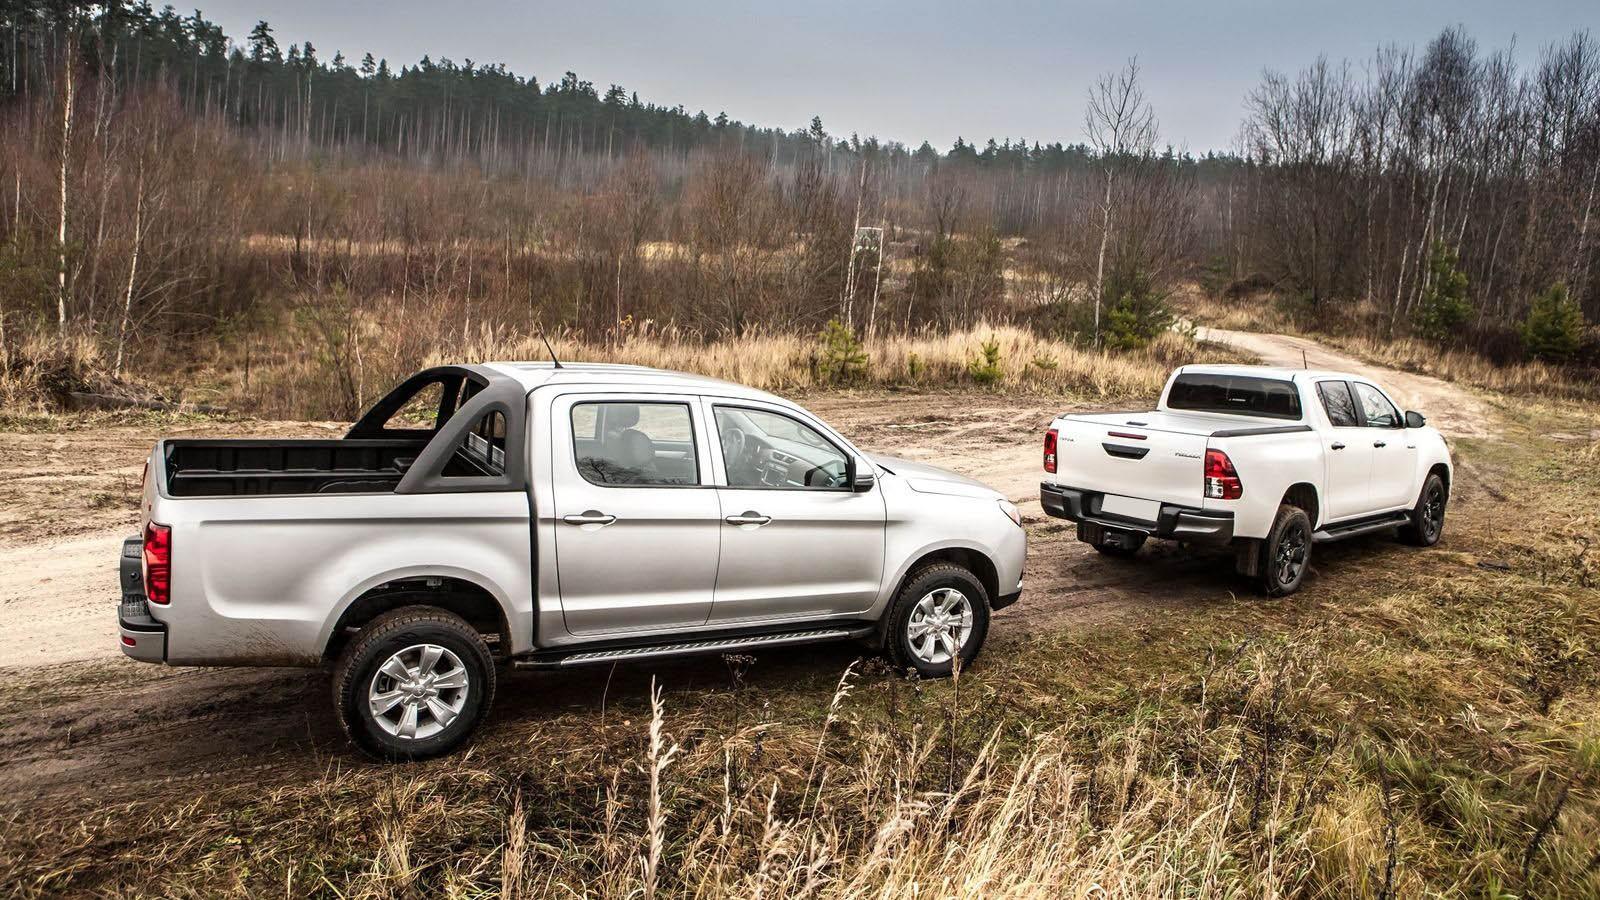 Полная Экстра замахнулась на Чёрный Эксклюзив: cравнительный тест JAC T6 и Toyota Hilux